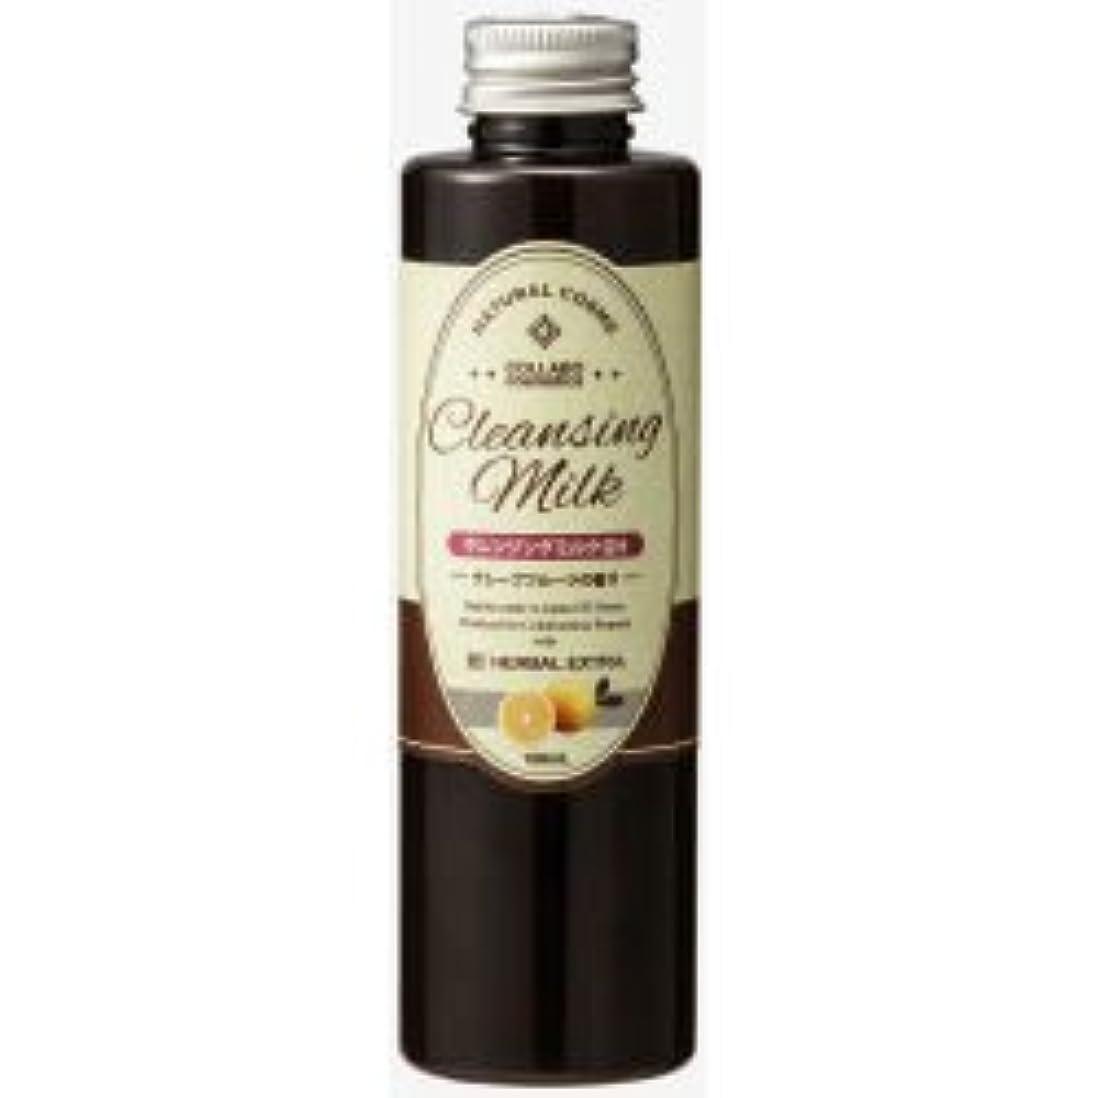 [ゼミド×ハーバルエクストラ] クレンジングミルクGH グレープフルーツの香り 150ml